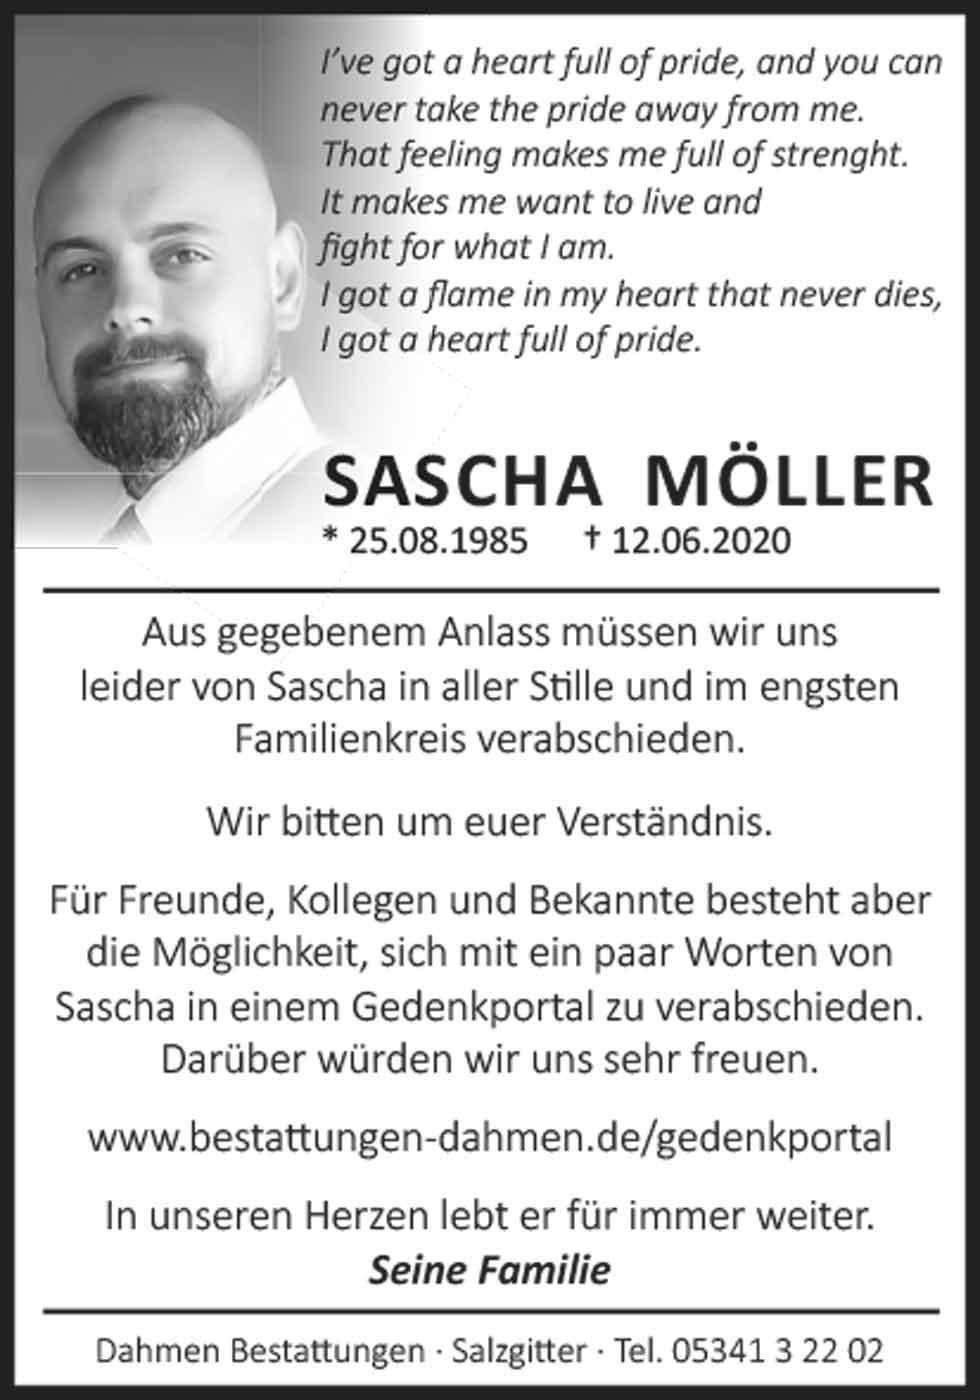 02_Möller_TA_SZWB_70x100_letzteVers